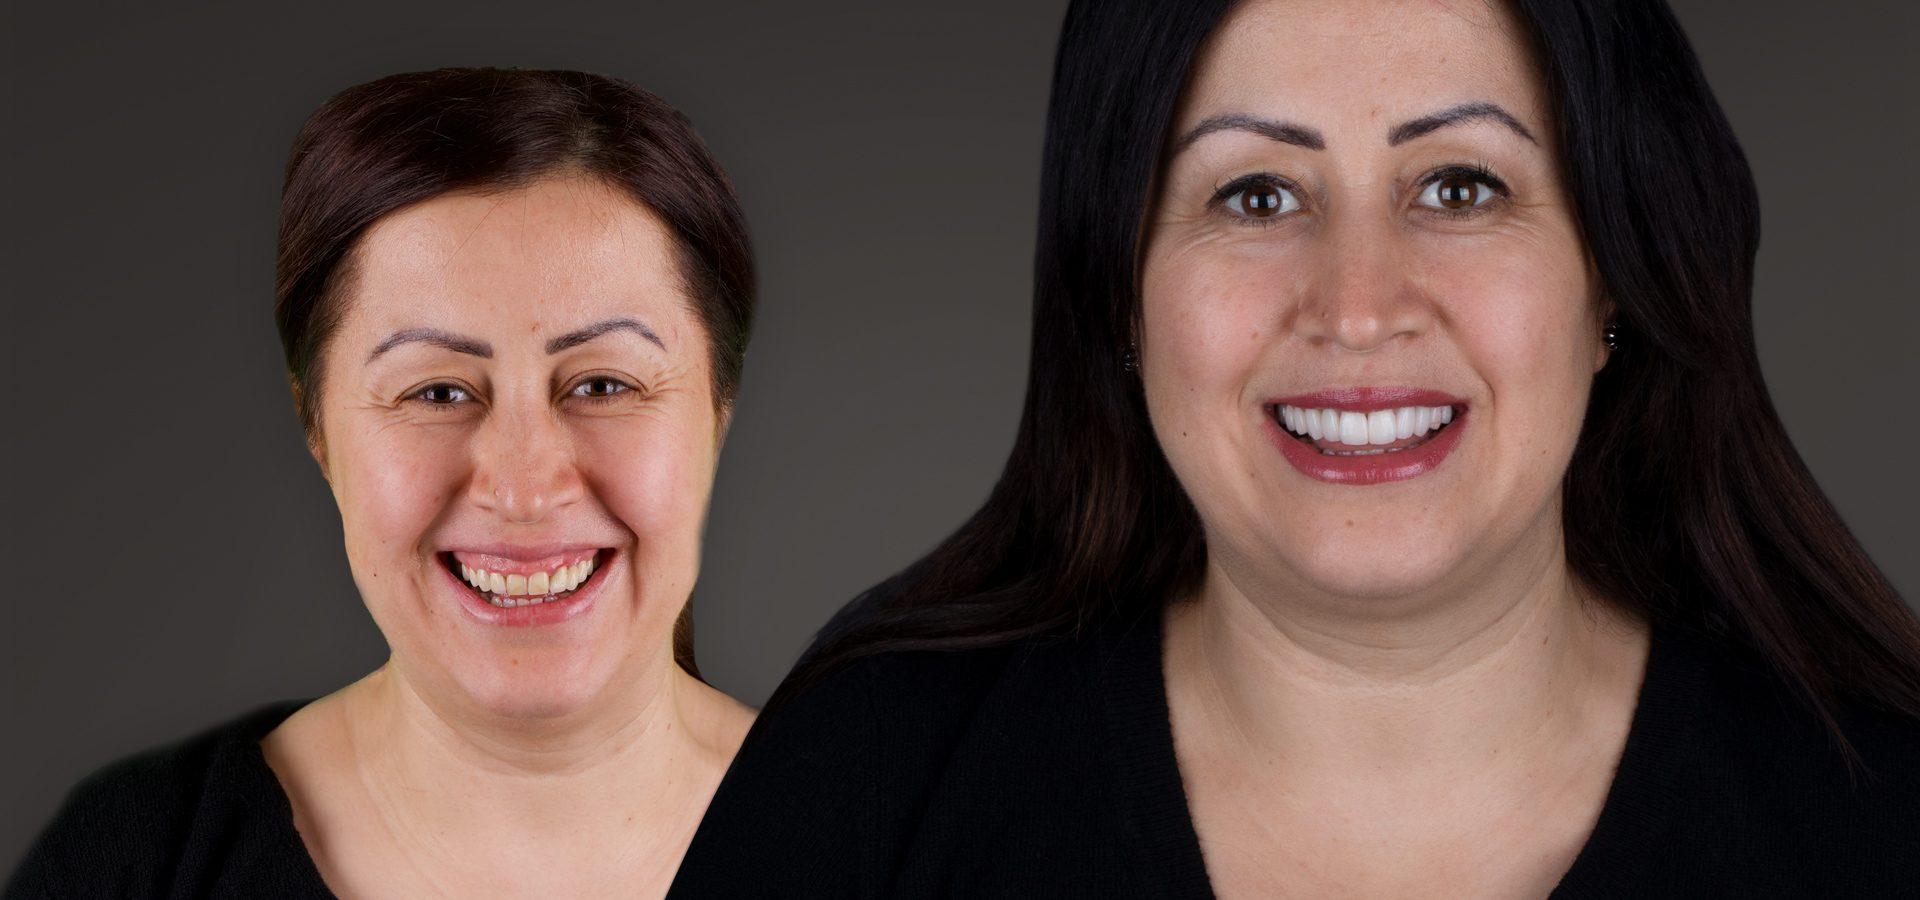 Unsere ästhetische Zahnbehandlung verbessert die Schönheit Ihrer Zähne